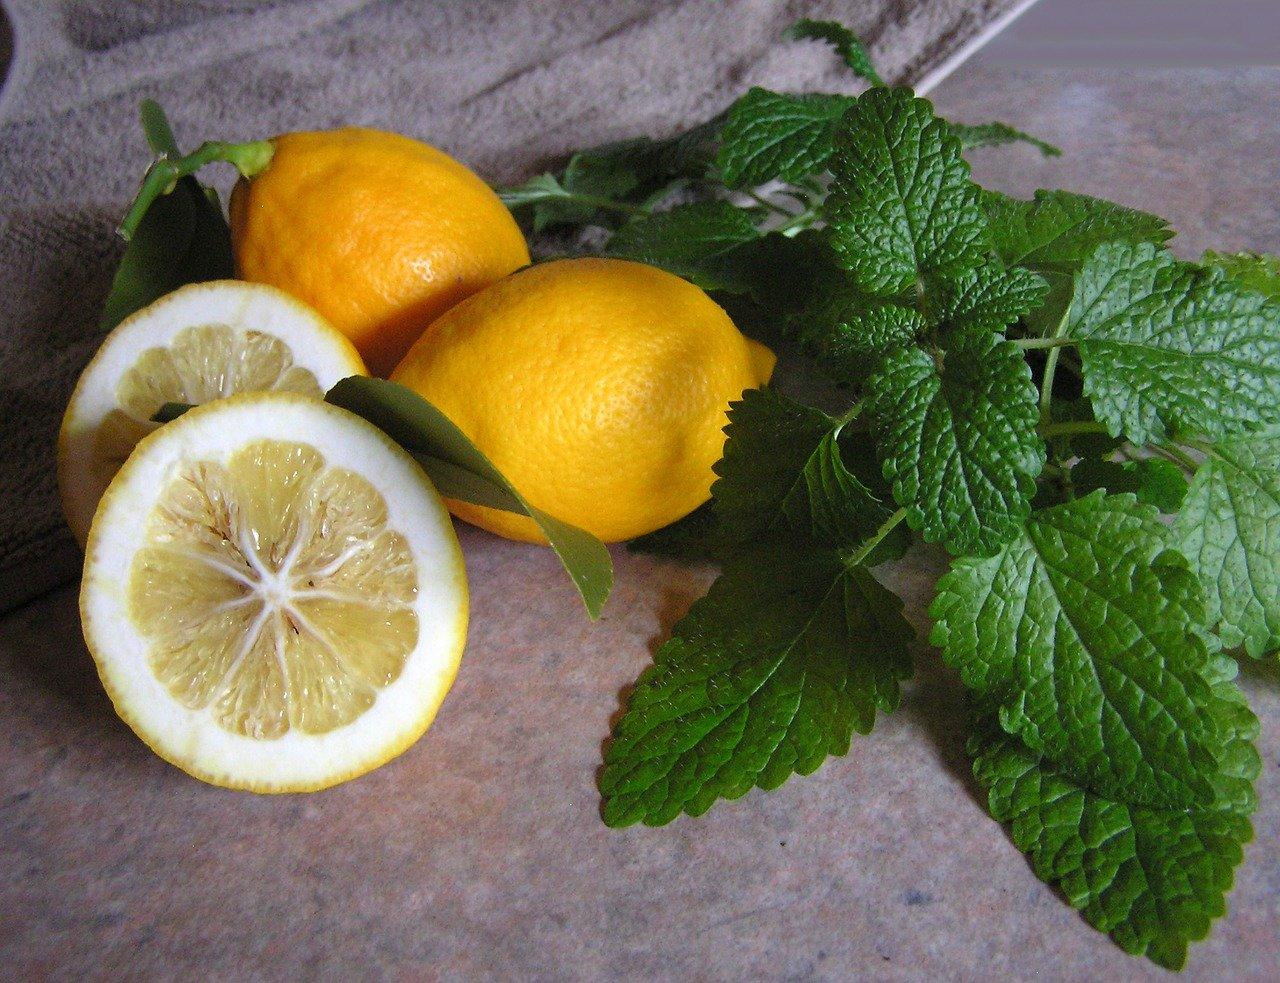 melisse plante arome citron